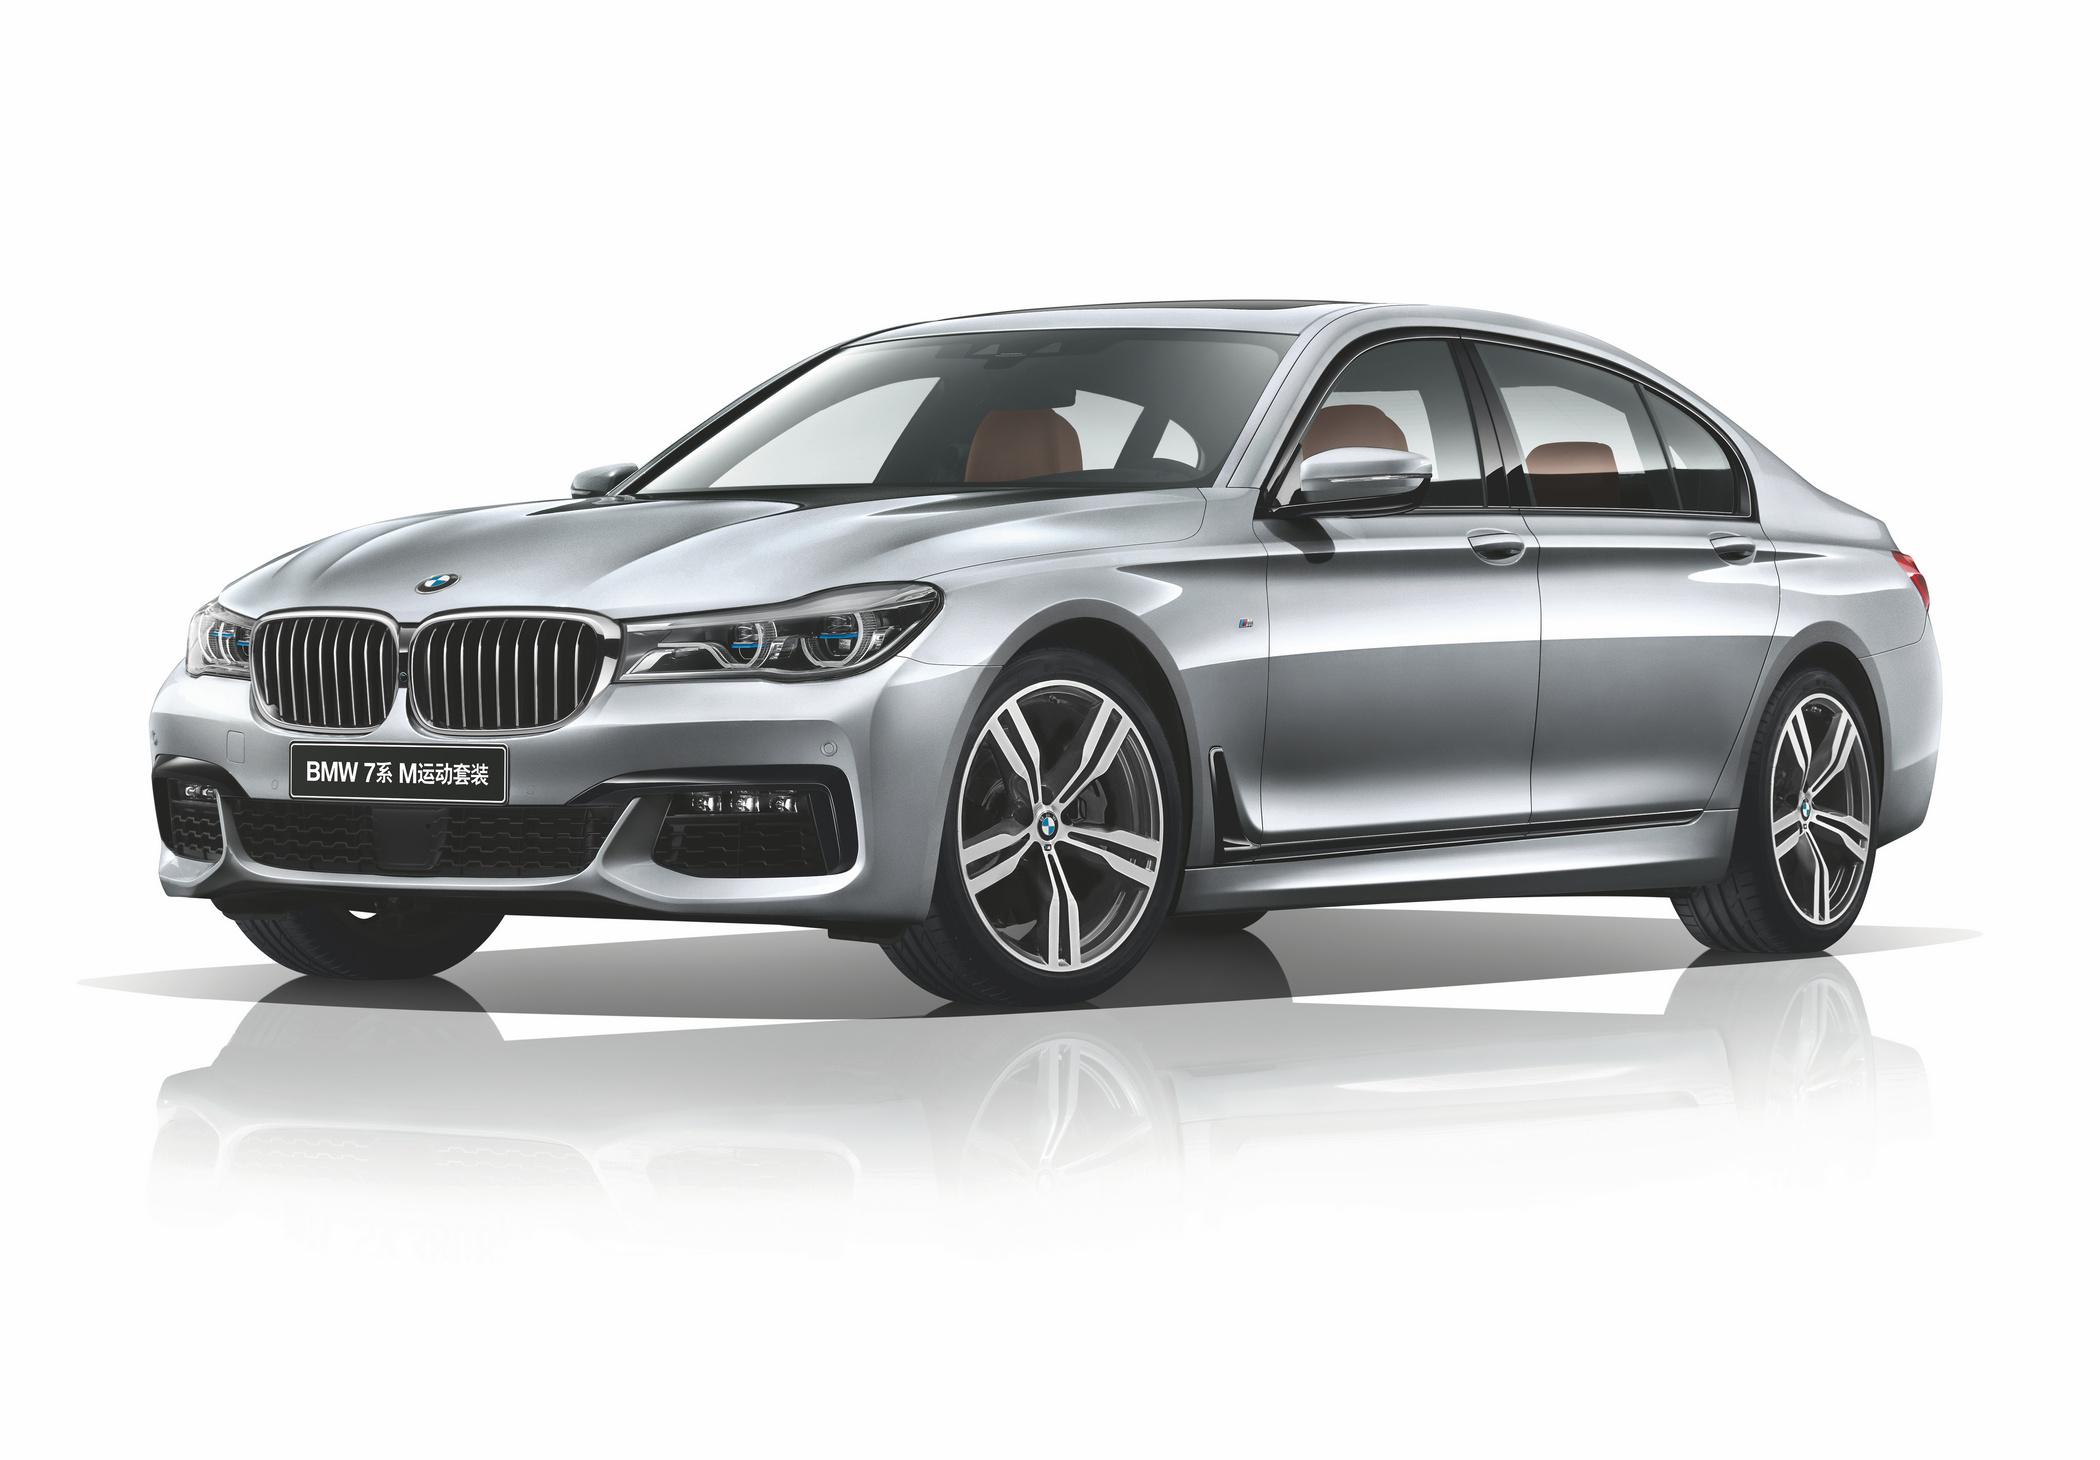 """以前瞻科技,定义现代豪华 2015年,第六代BMW 7系上市时即凭借大量创新科技成为大型豪华车的标杆力作。首创Carbon Core高强度碳纤维内核,实现最大车身减重130公斤,增强了车身刚性和操控表现,展现了宝马集团在智能轻量化结构领域的科技优势。BMW智能激光大灯使汽车大灯的照明距离从300米时代跨越至600米(中国法规限定为475米)时代,提高了行驶安全性。 这一代BMW 7系证明了大型豪华车同样可以具备出色的驾驶乐趣。同级独有的自适应驾驶体验控制系统让""""人车合一""""的感受更"""